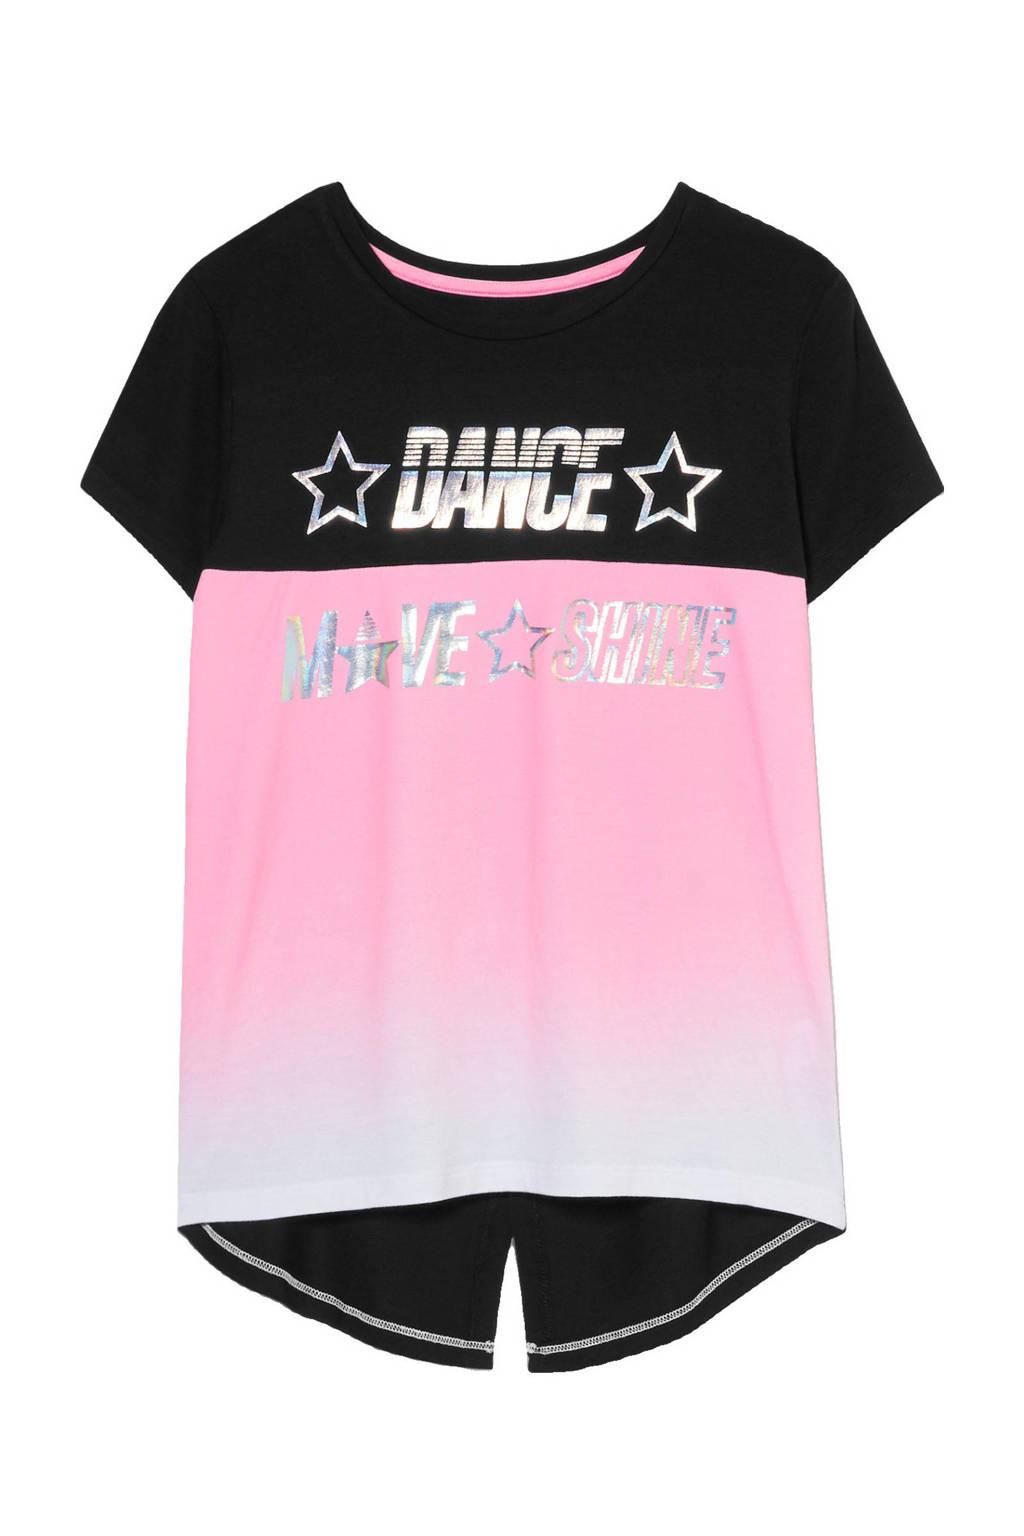 C&A Here & There T-shirt zwart/roze, Zwart/roze